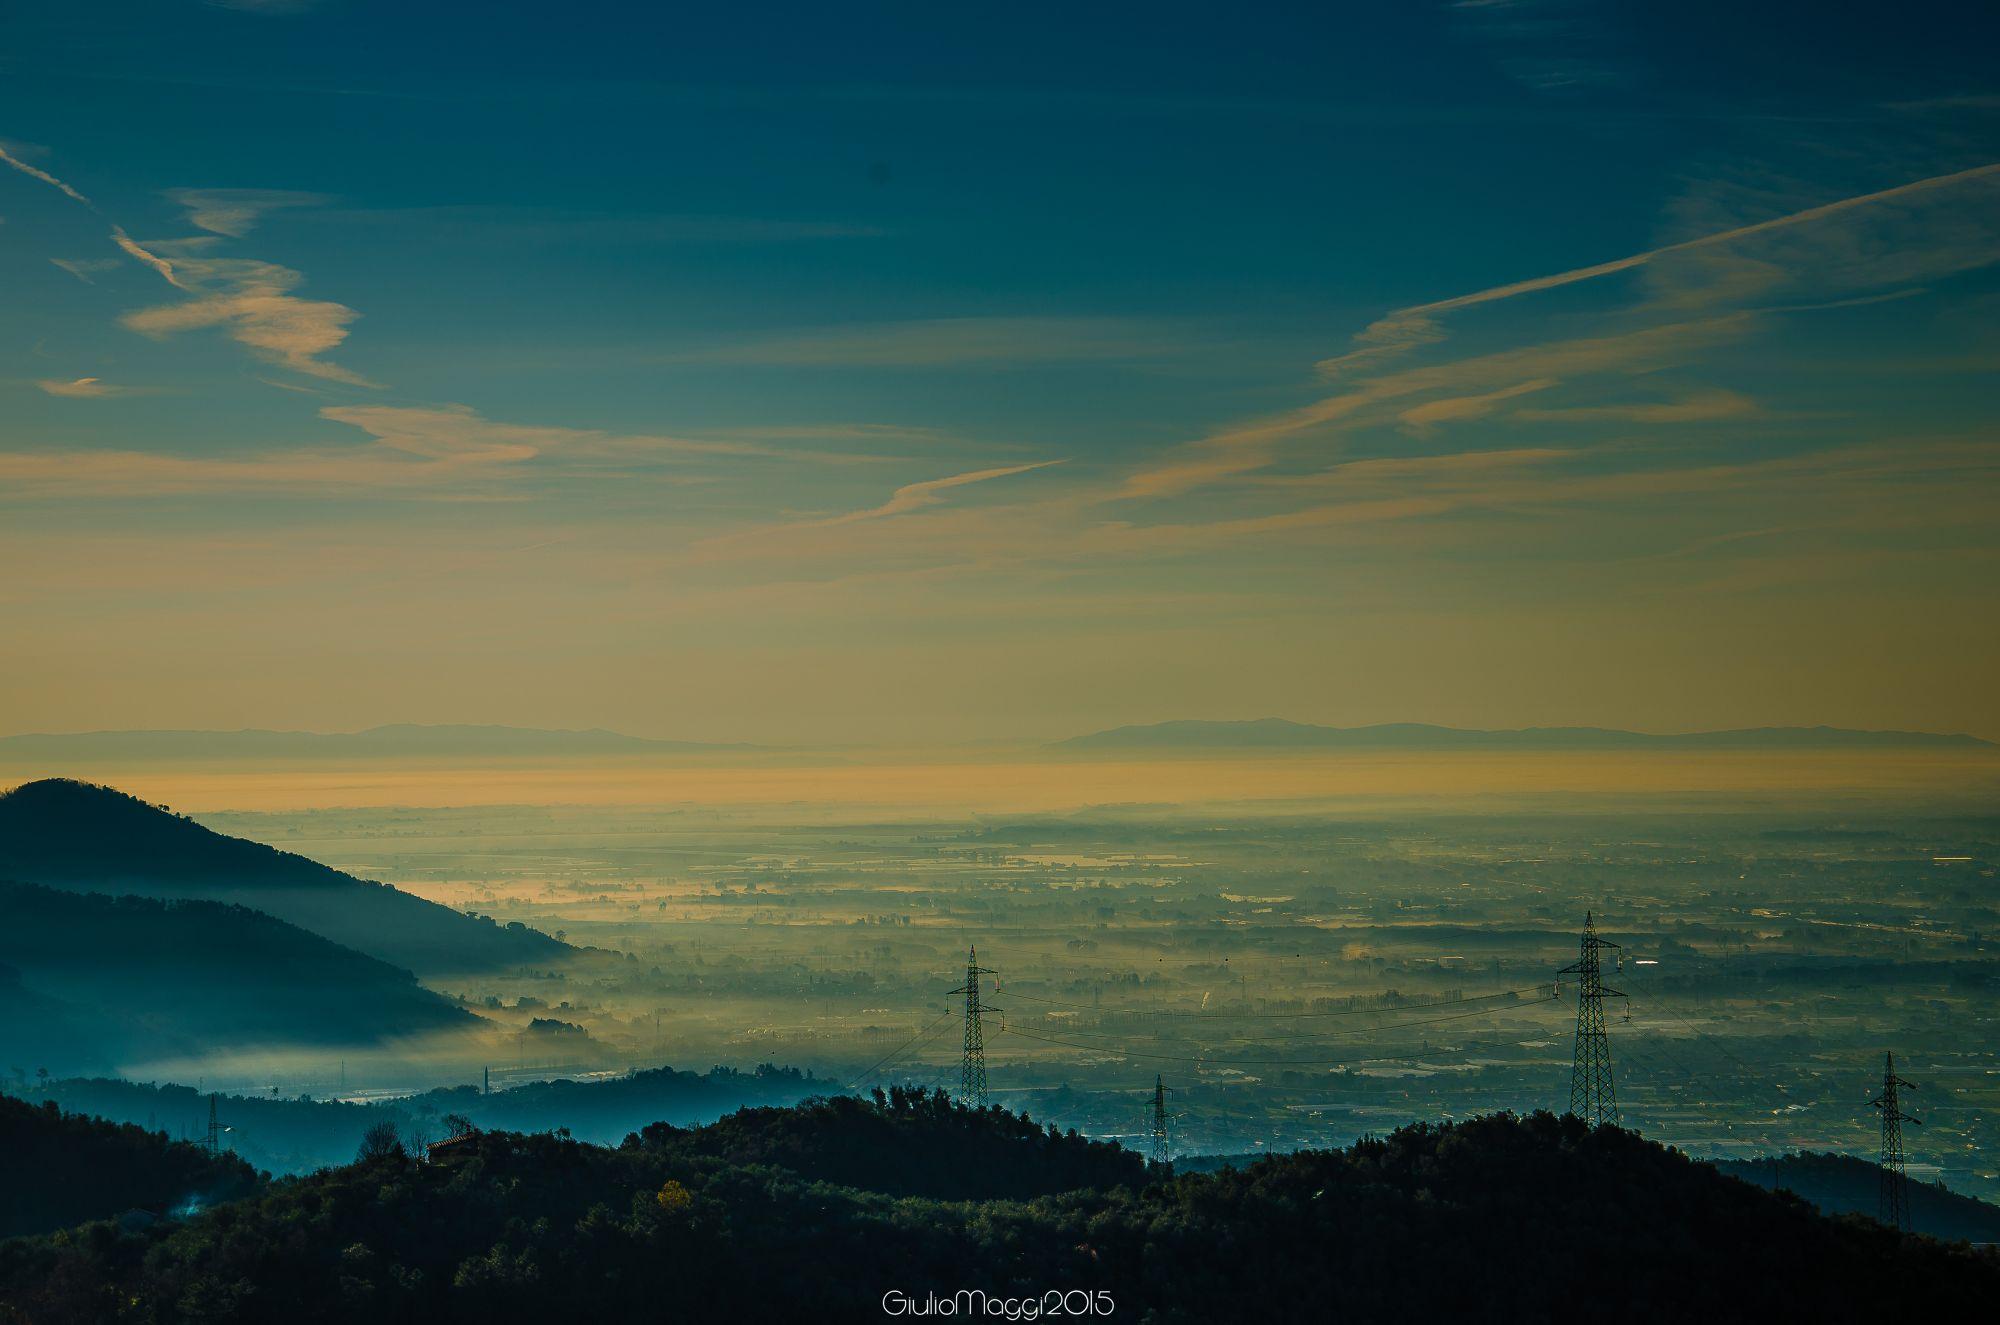 Tra i banchi di nebbia